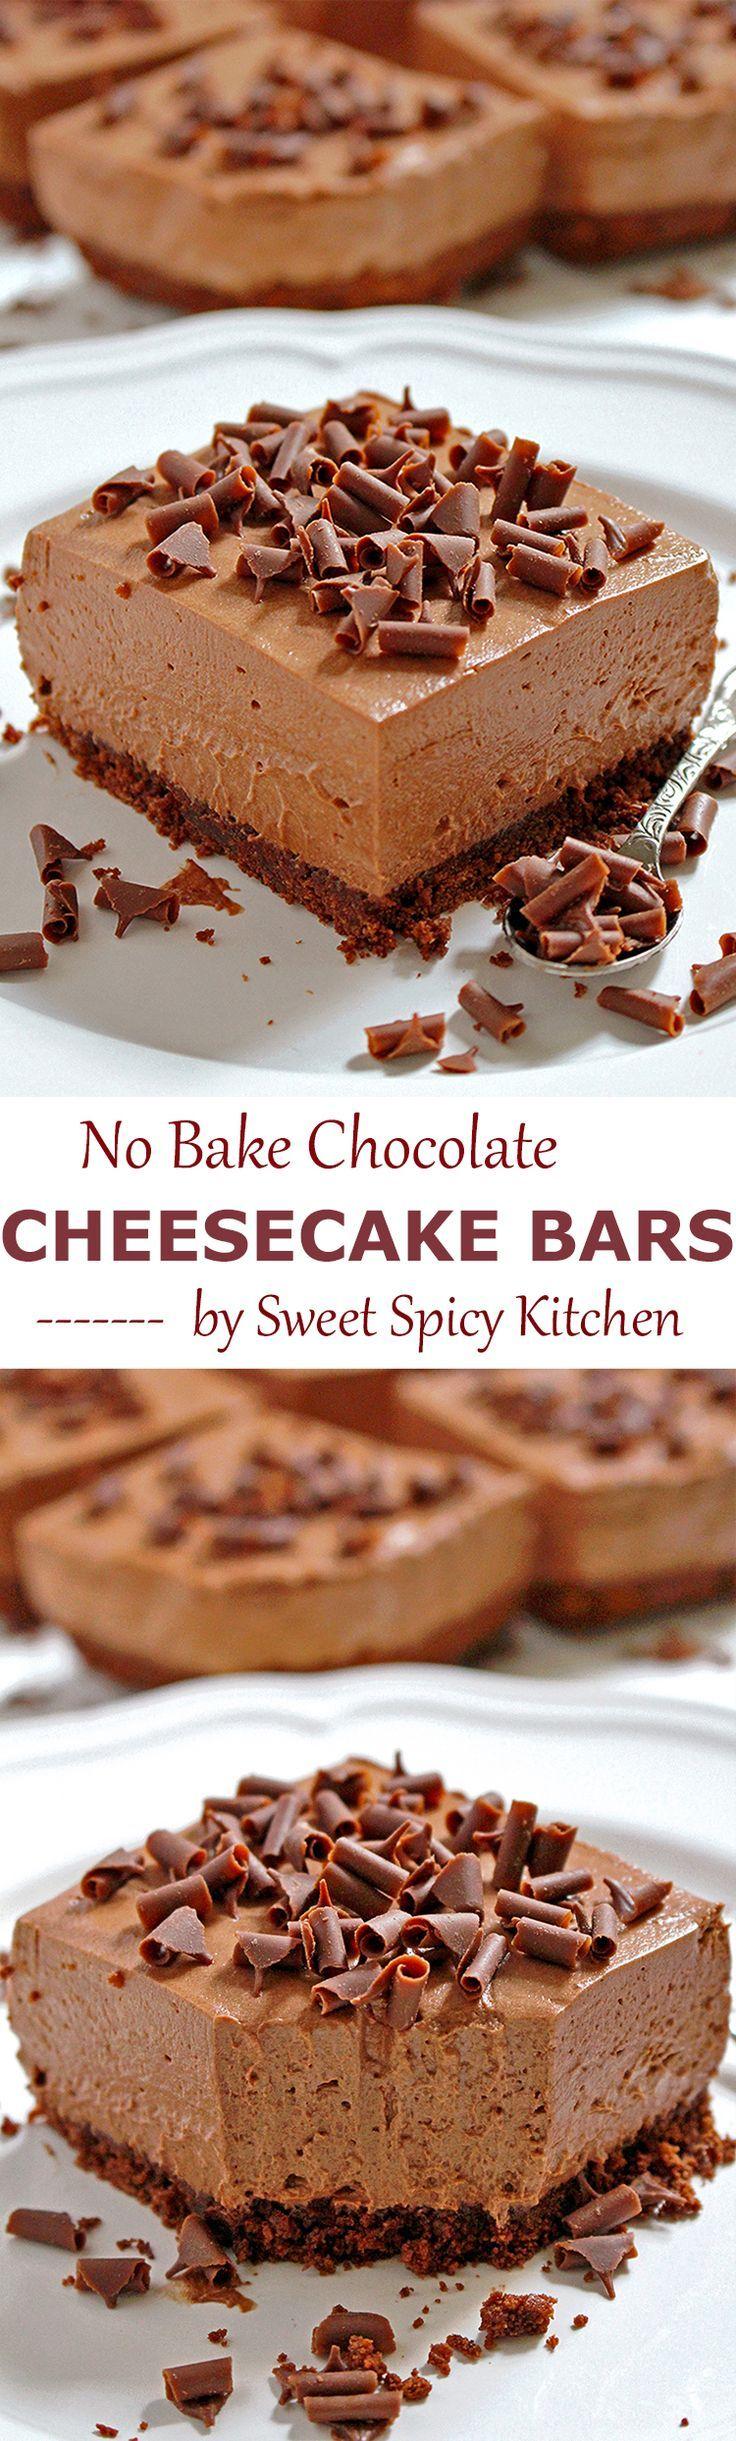 No Bake Chocolate Cheesecake Bars